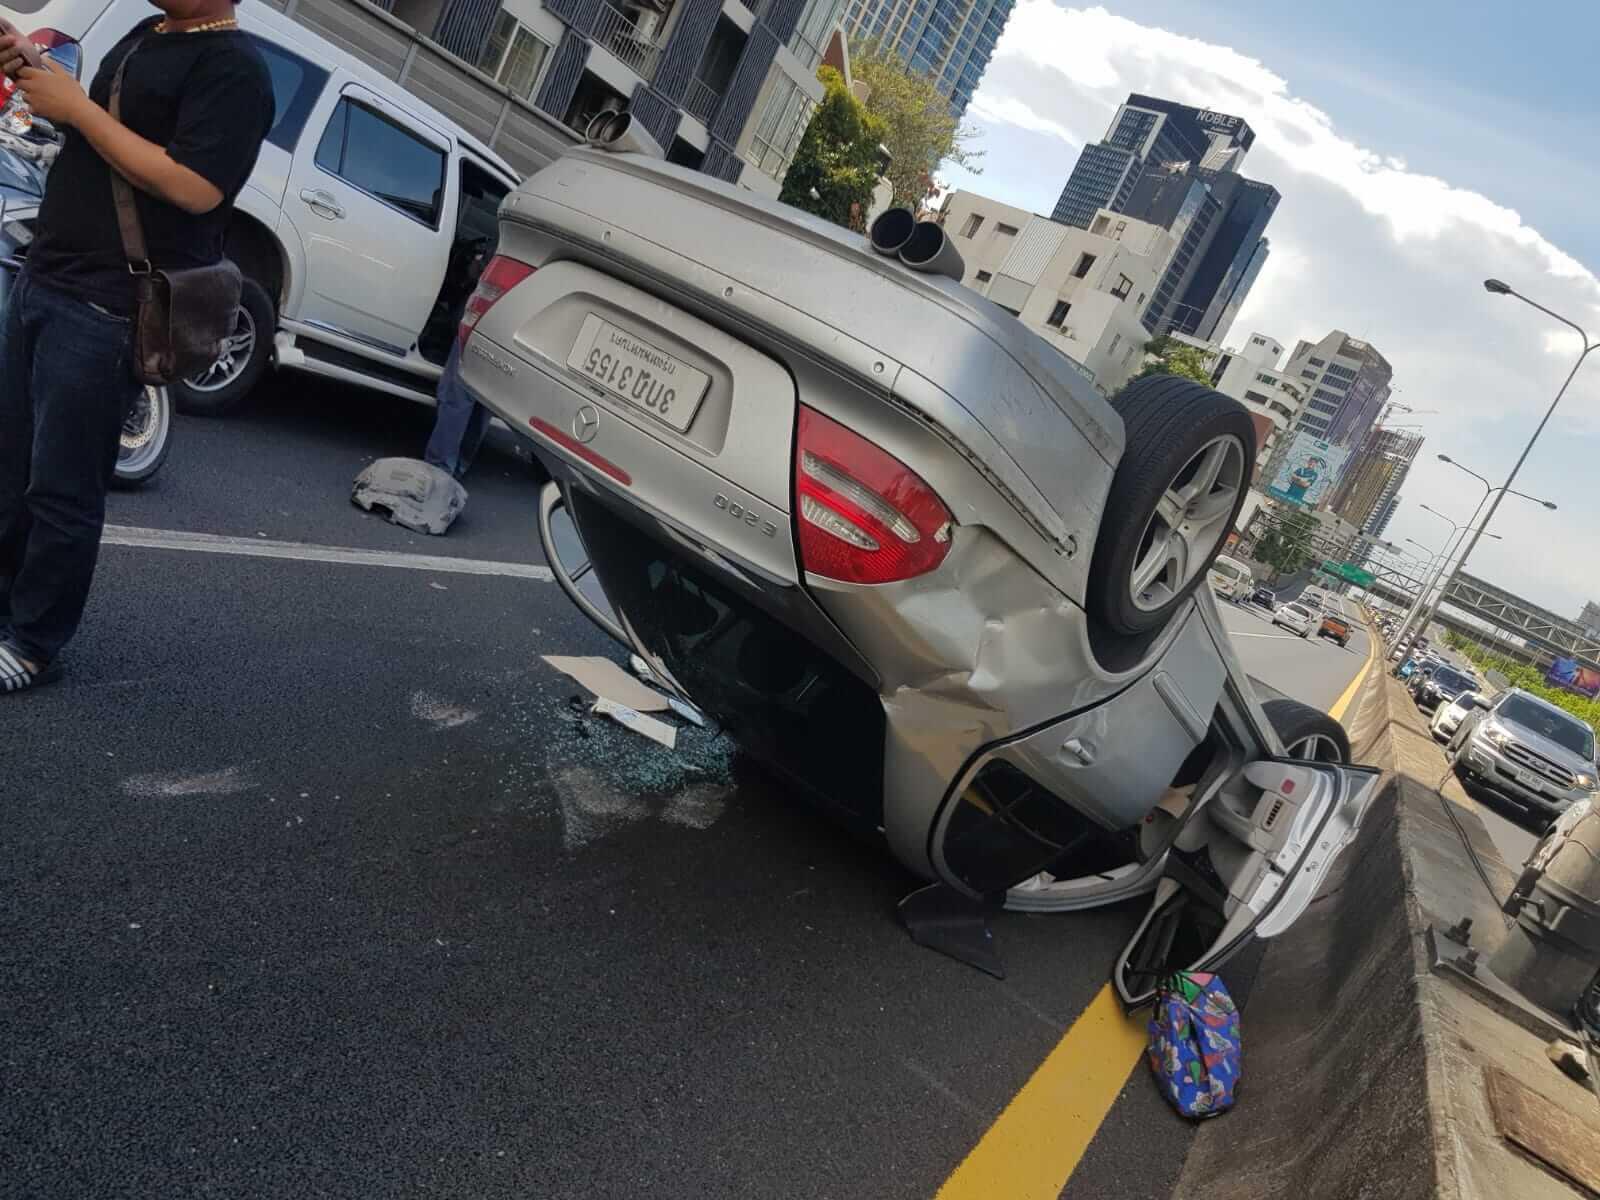 車禍發生一刻,馮寶寶第一時間爬出車廂,用手機拍下情況,她坐的車已四輪朝天。